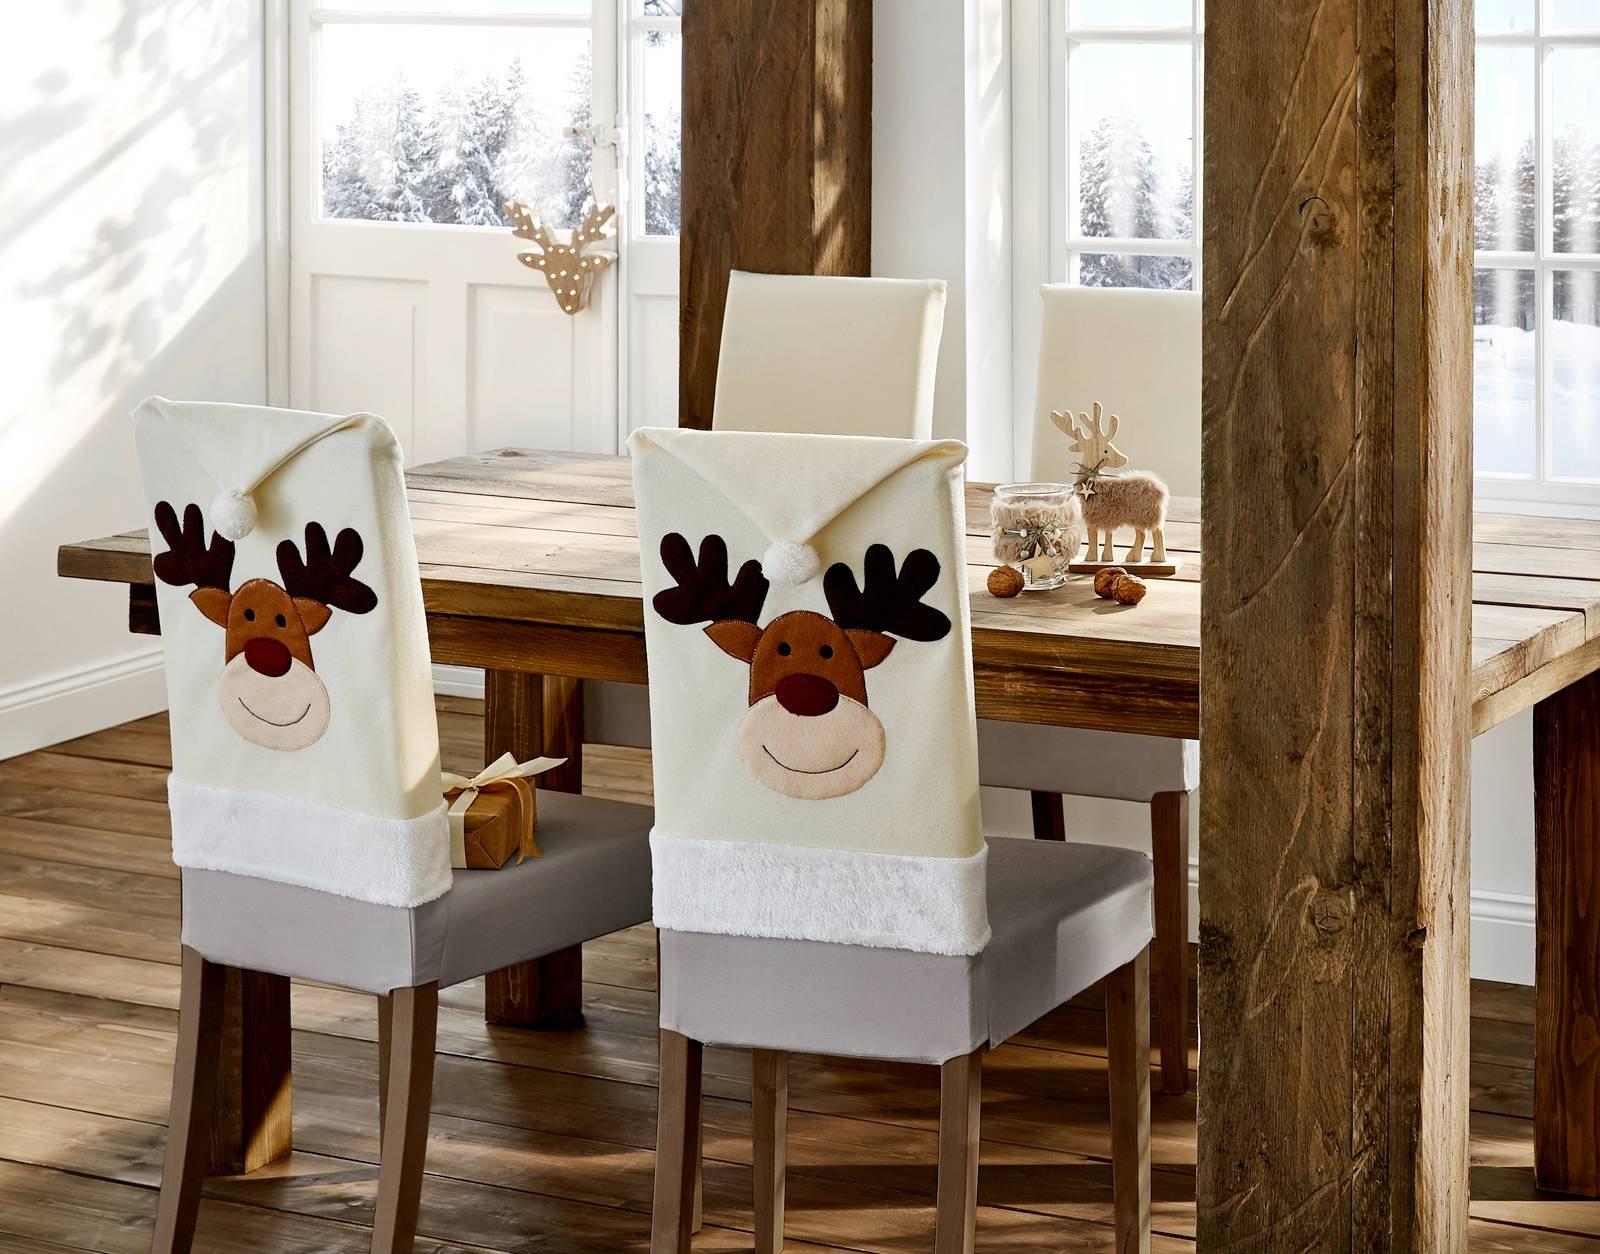 Come Creare Una Renna Luminosa coprisedia natalizi per creare l'atmosfera di festa con un